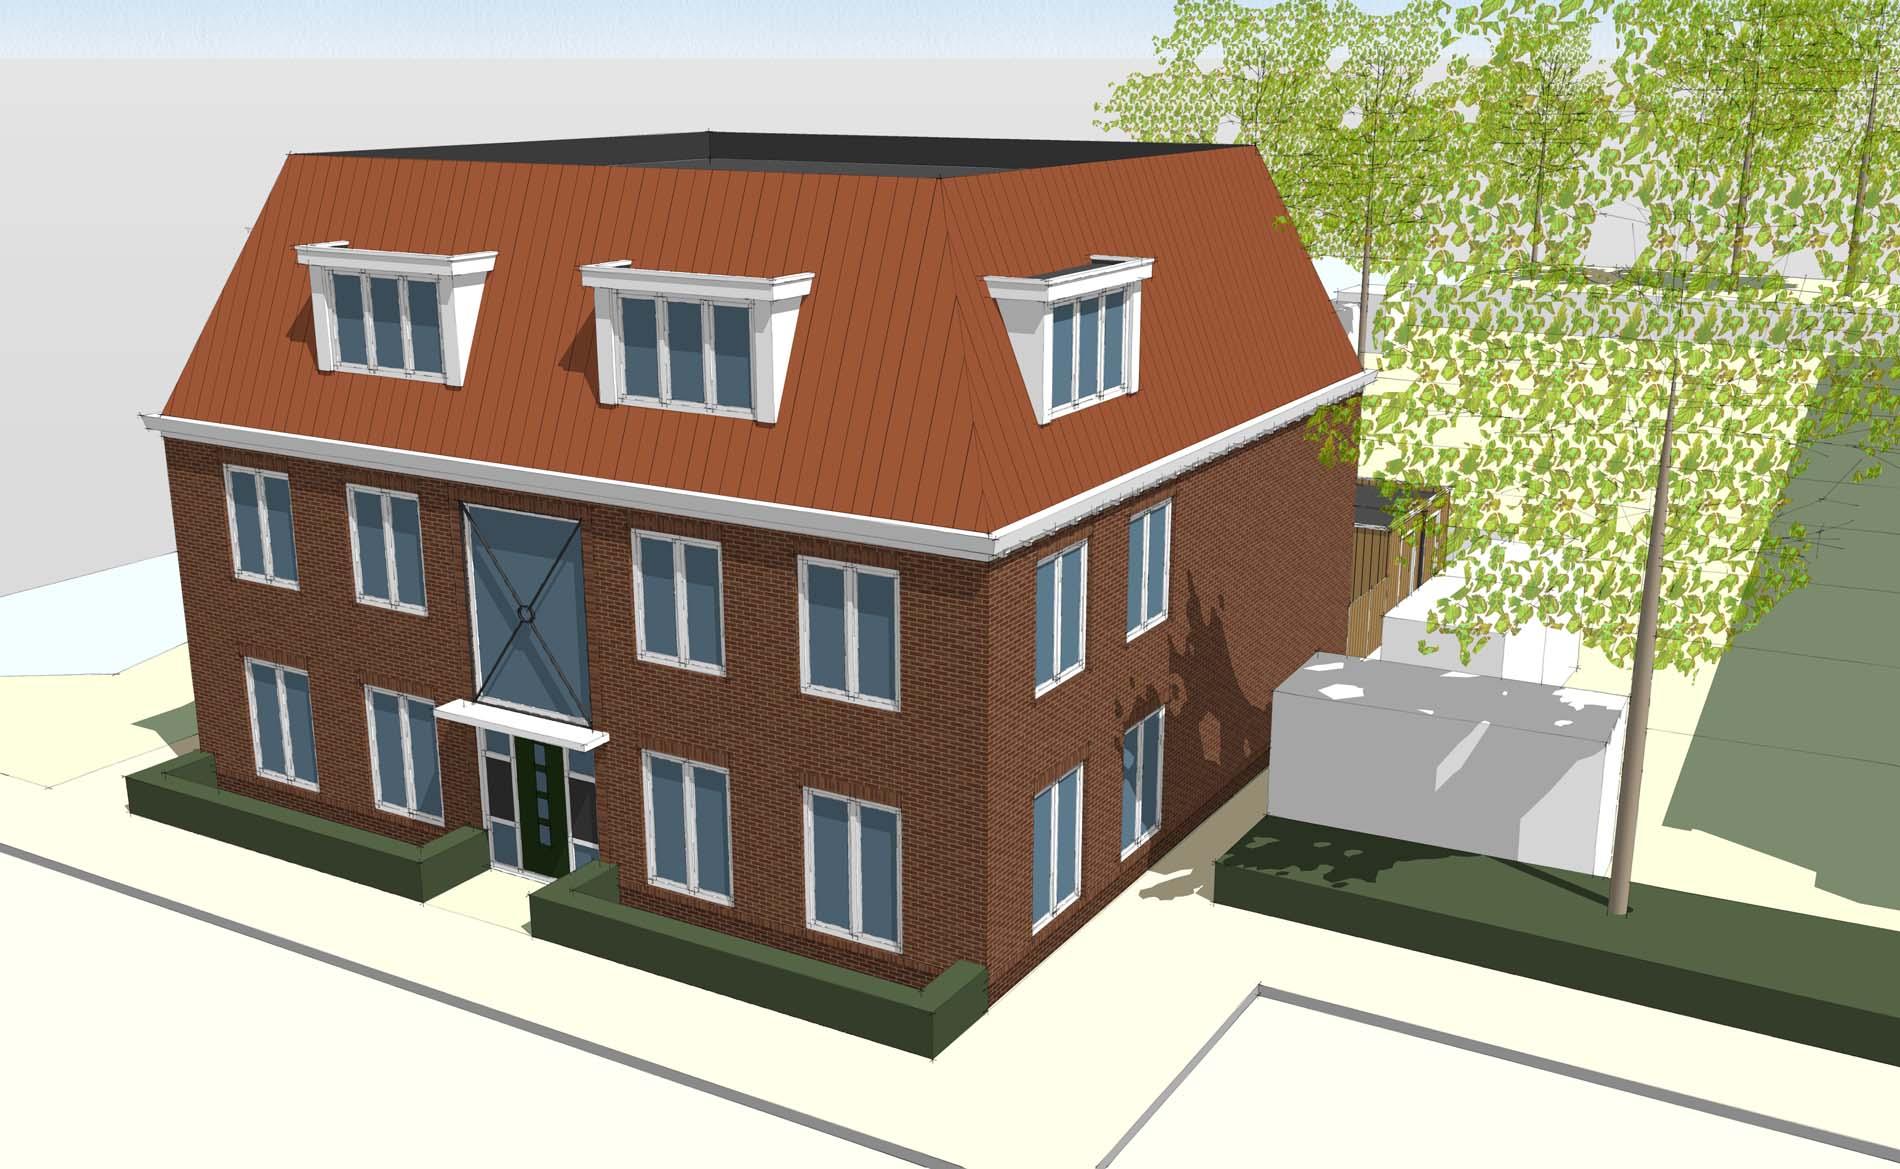 architectuur woningbouw sociale huurwoningen appartementen Spatterstraat Wormer BBHD architecten